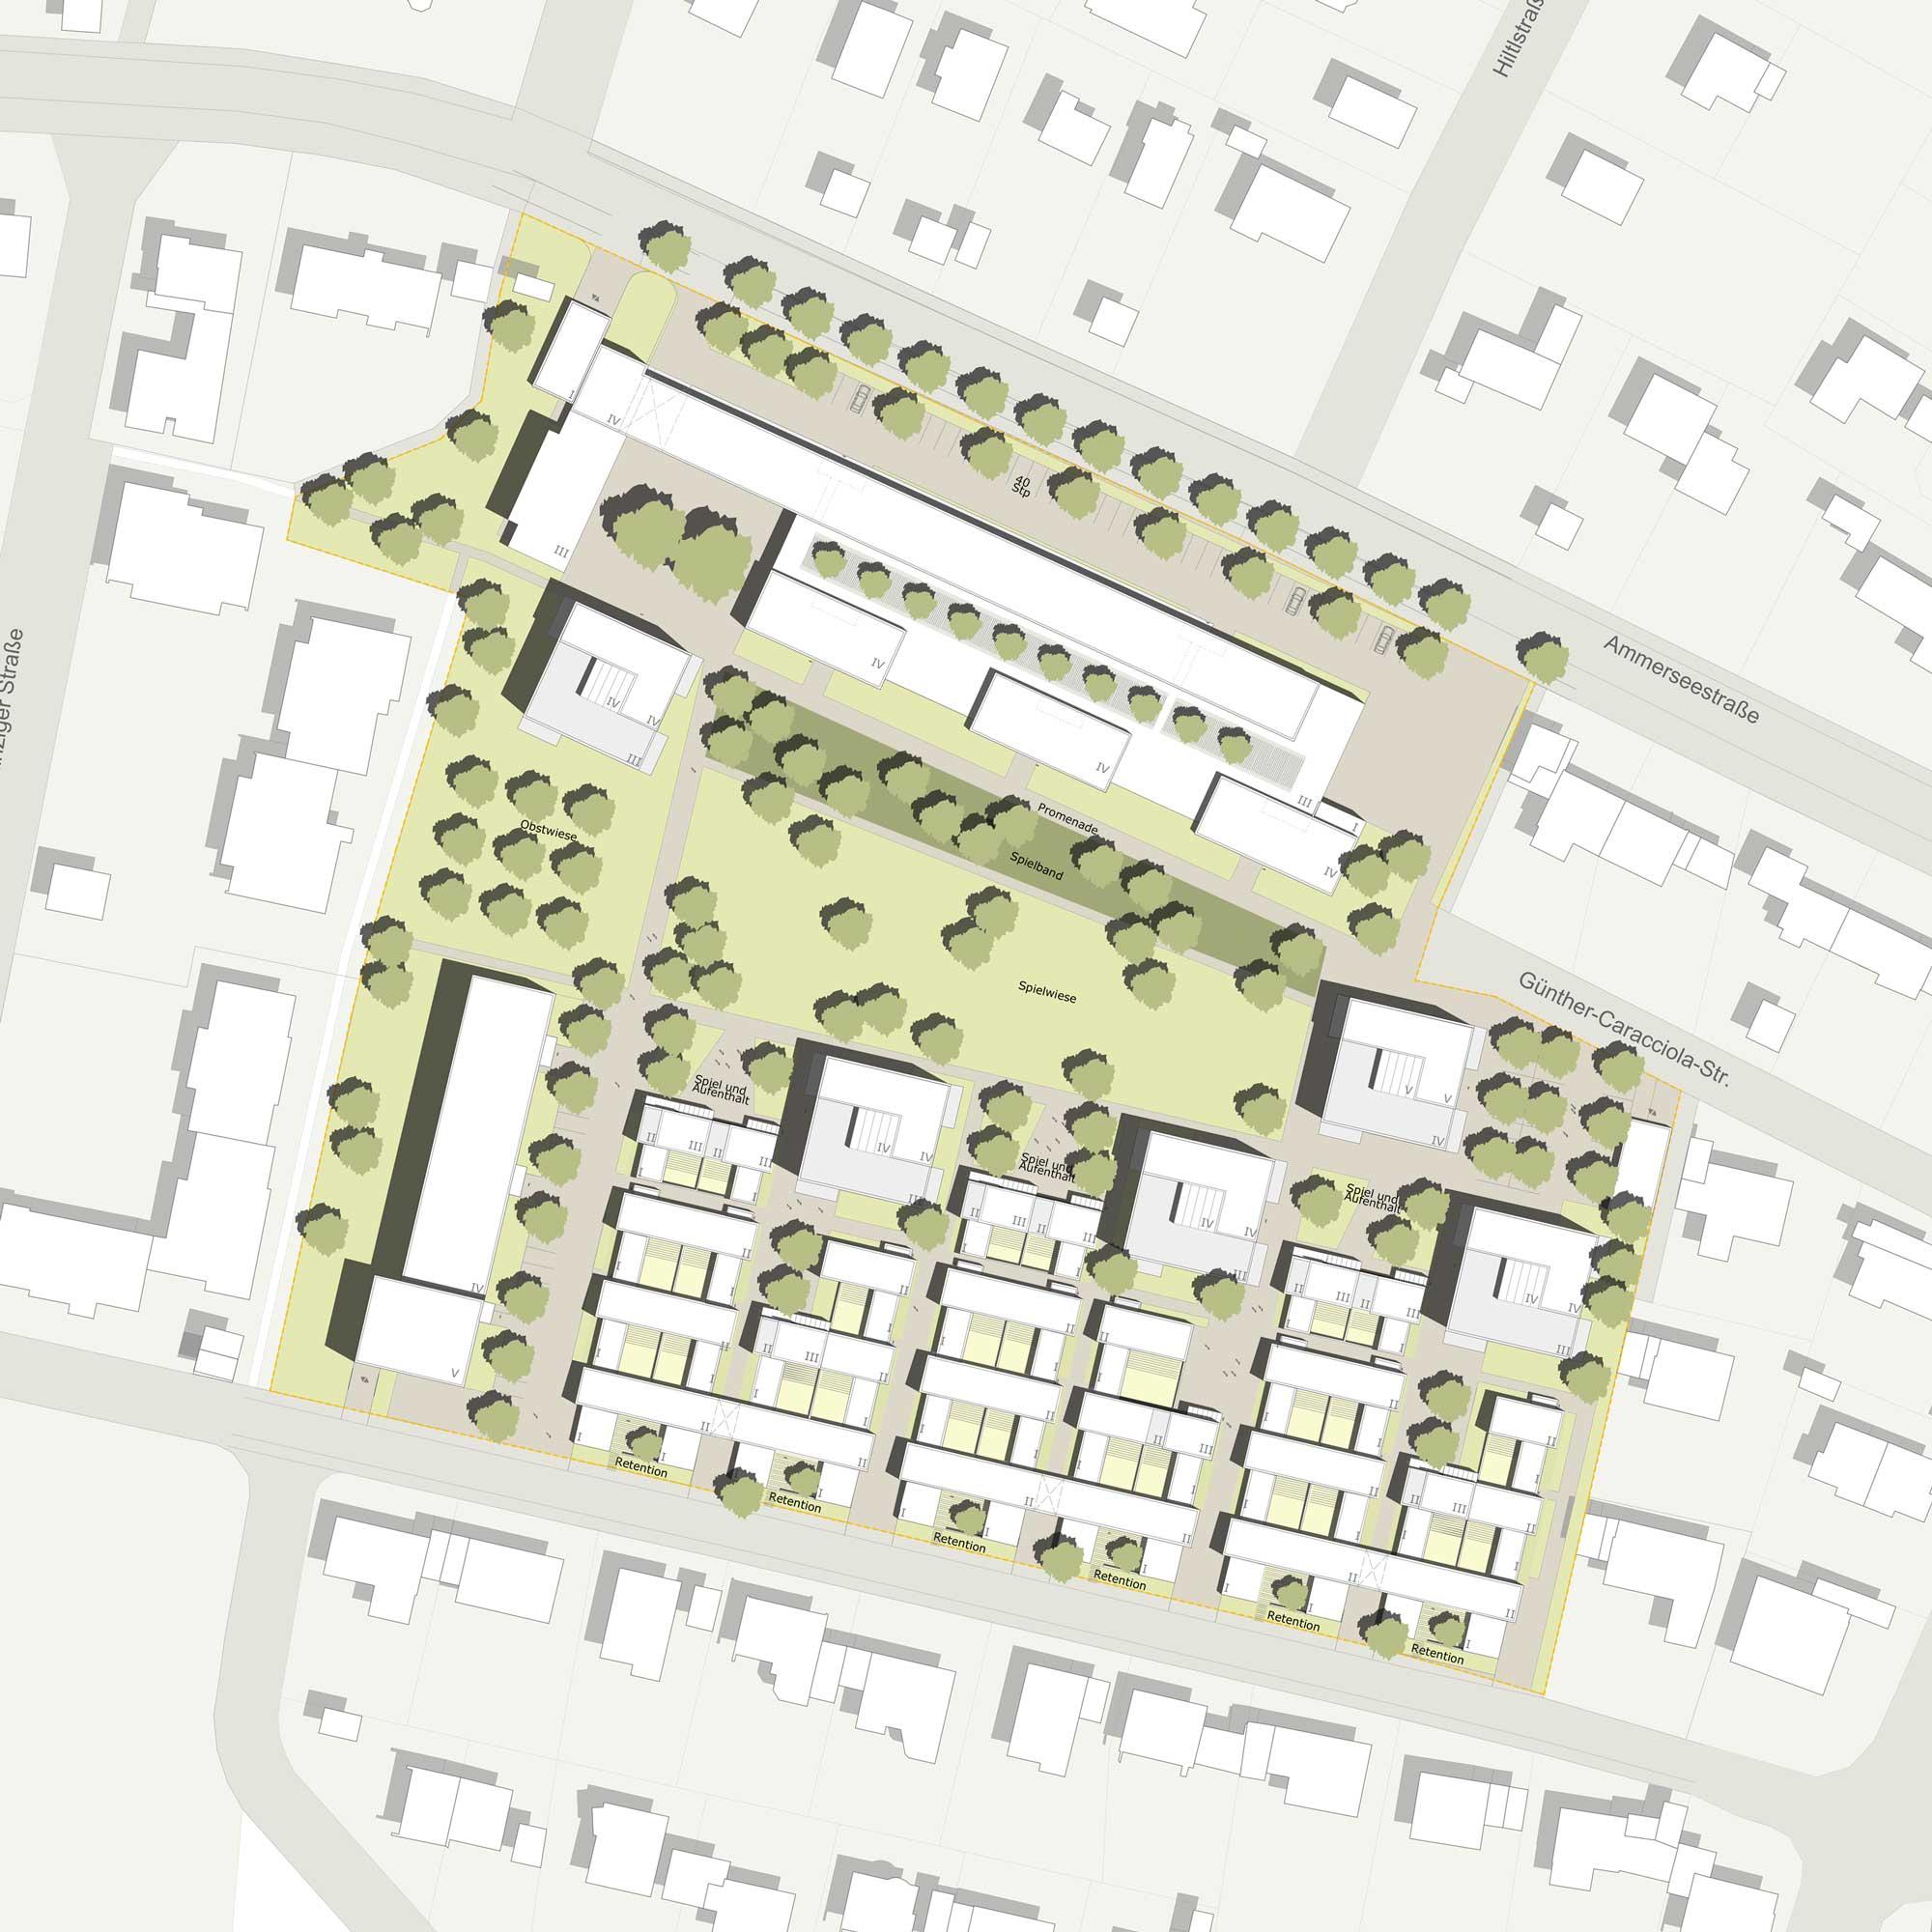 Realisierungswettbewerb Landschaftsarchitektur Ehemaliges AOA-Gelände - Lageplan